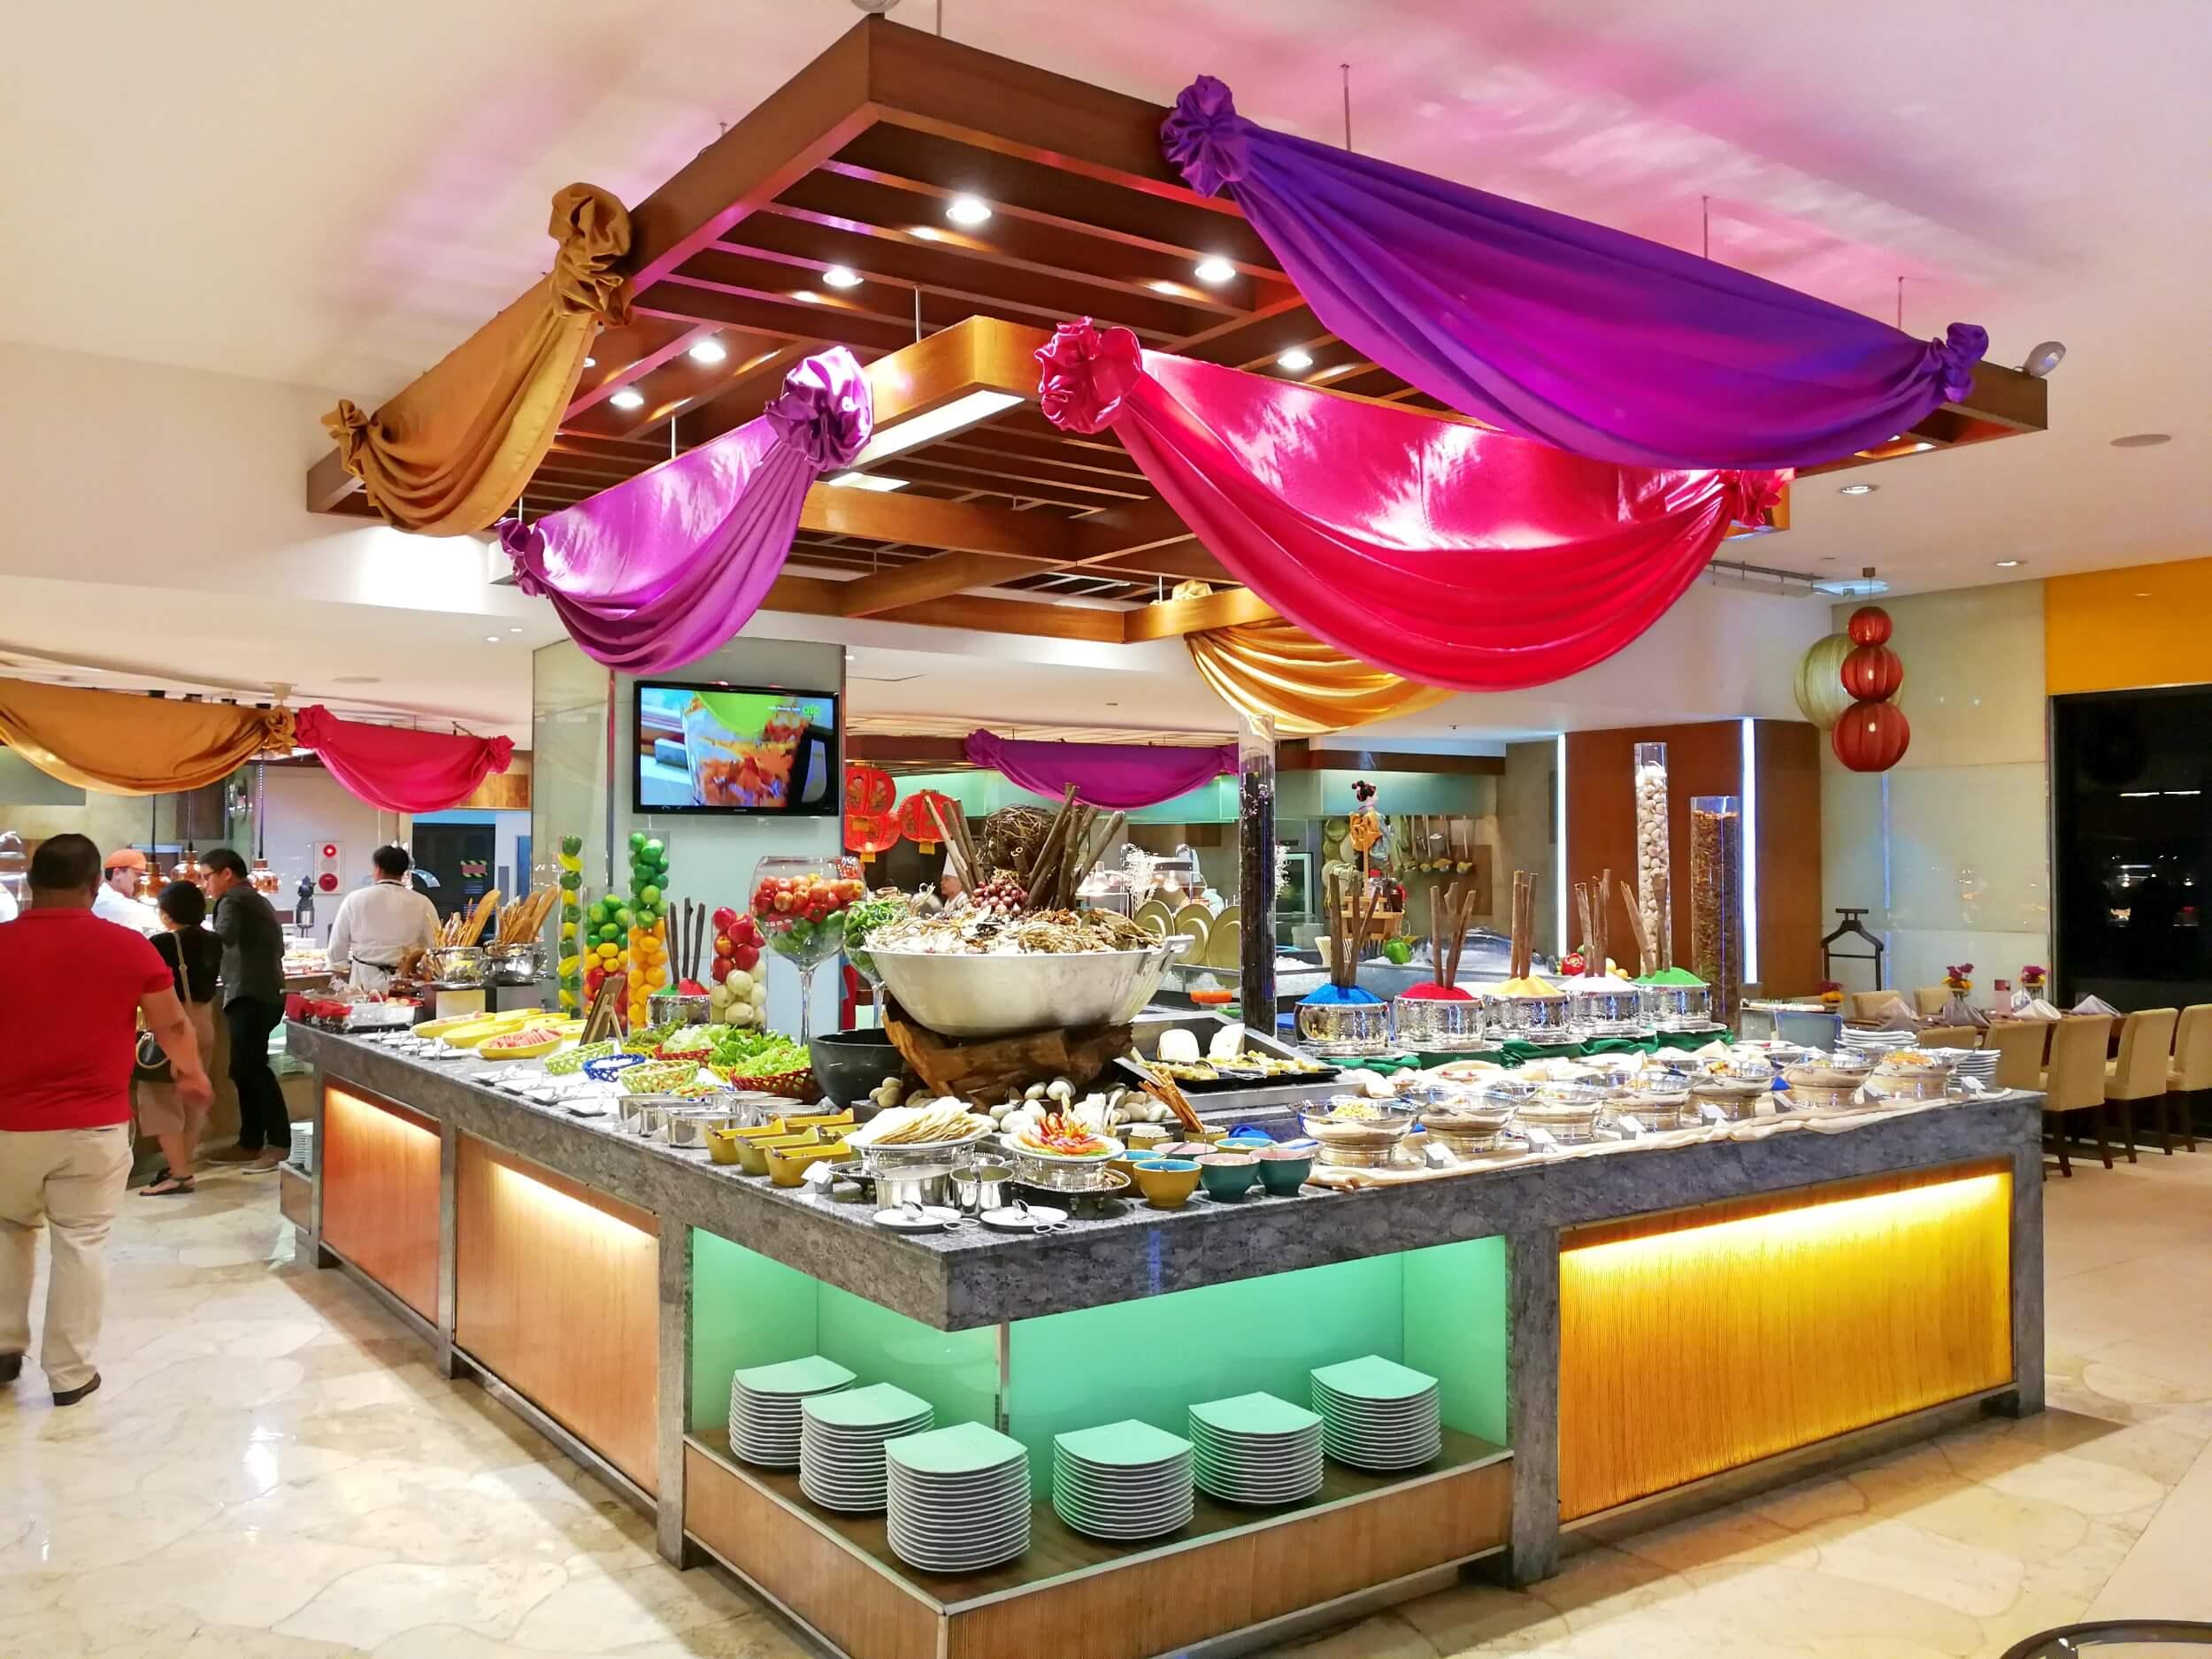 Marco Polo Khana Indian food festival